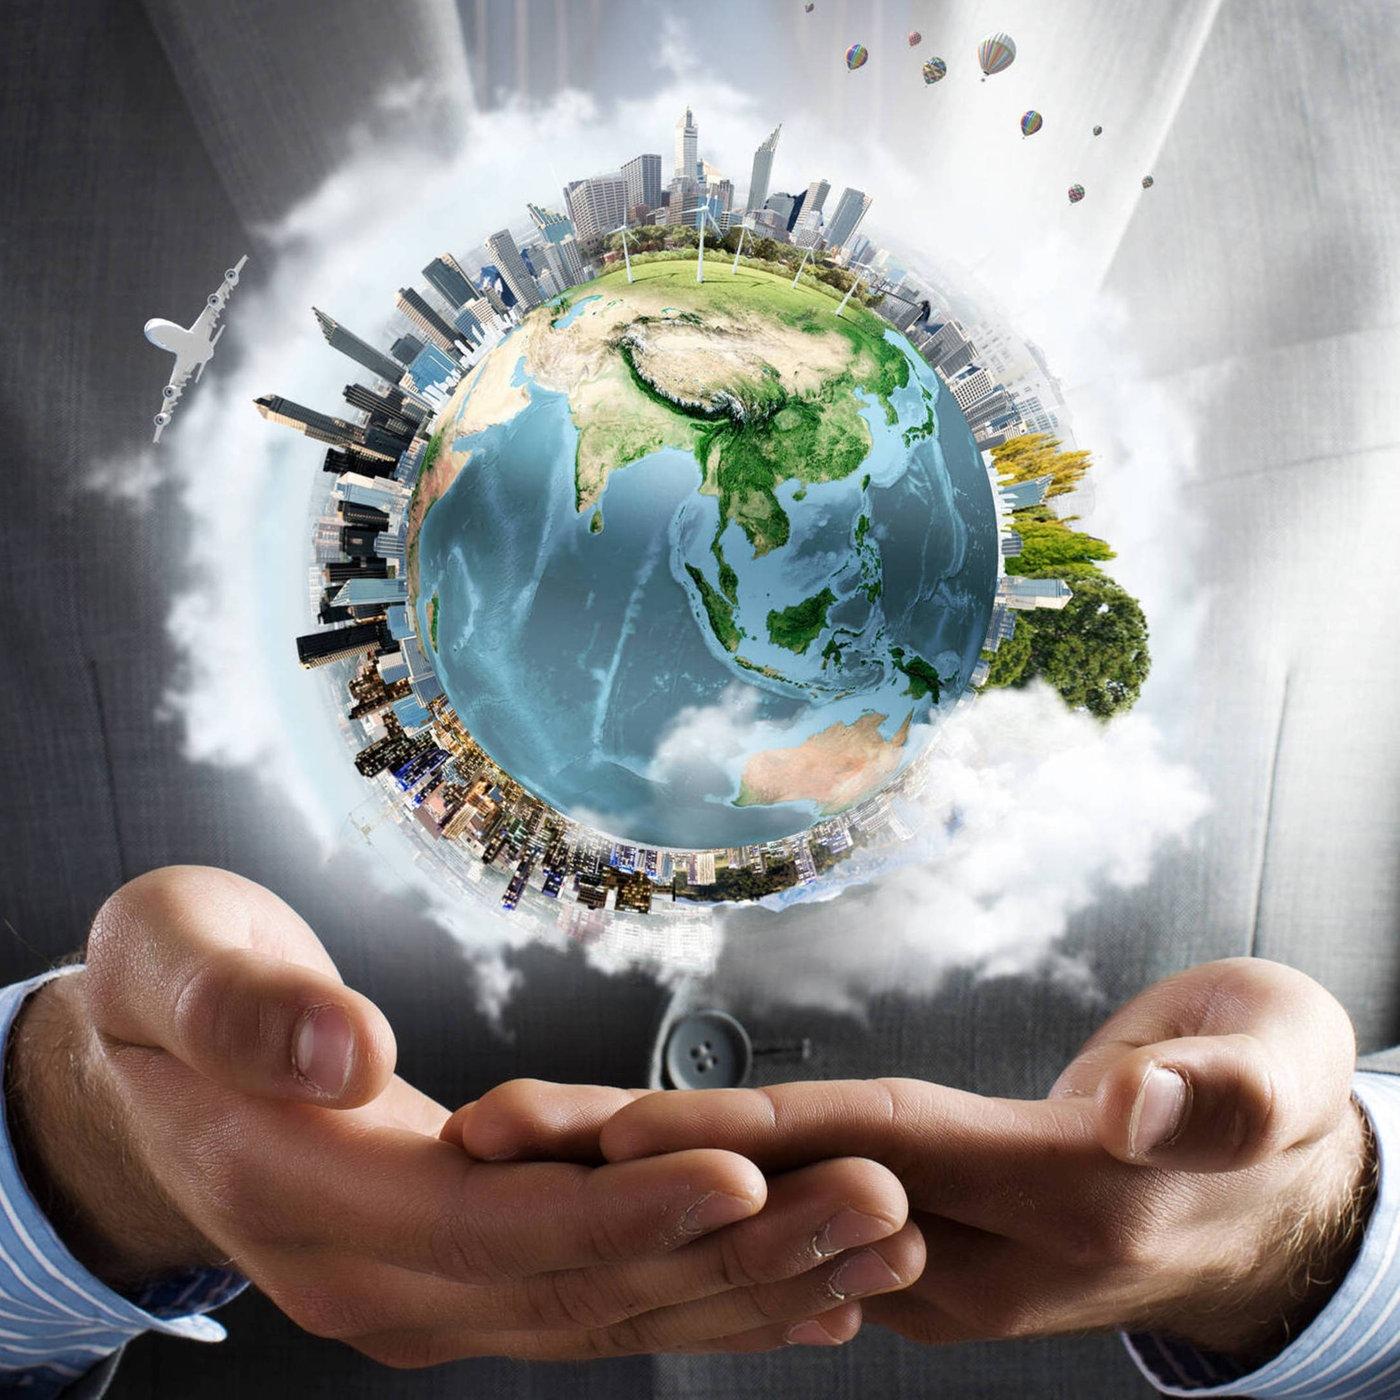 Schöpfer von Leben - Eine Kreativagentur erfindet die Welt